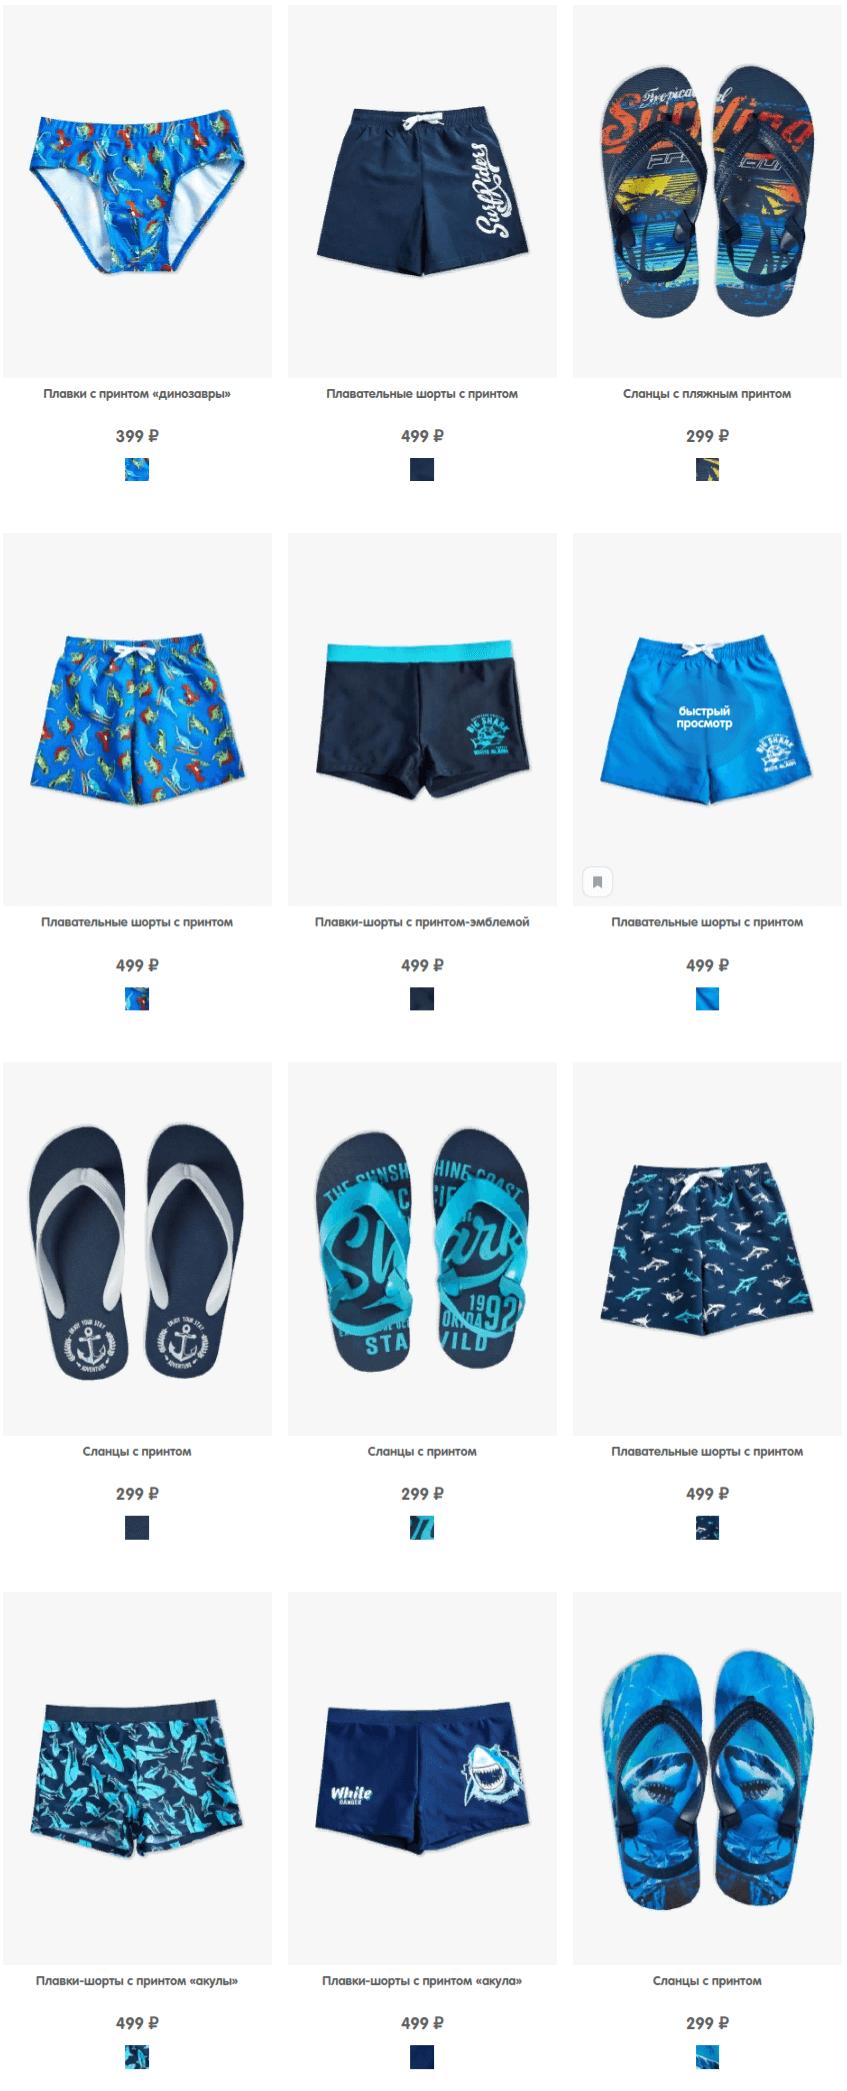 Пляжная одежда в интернет-магазине одежды фандэйшоп